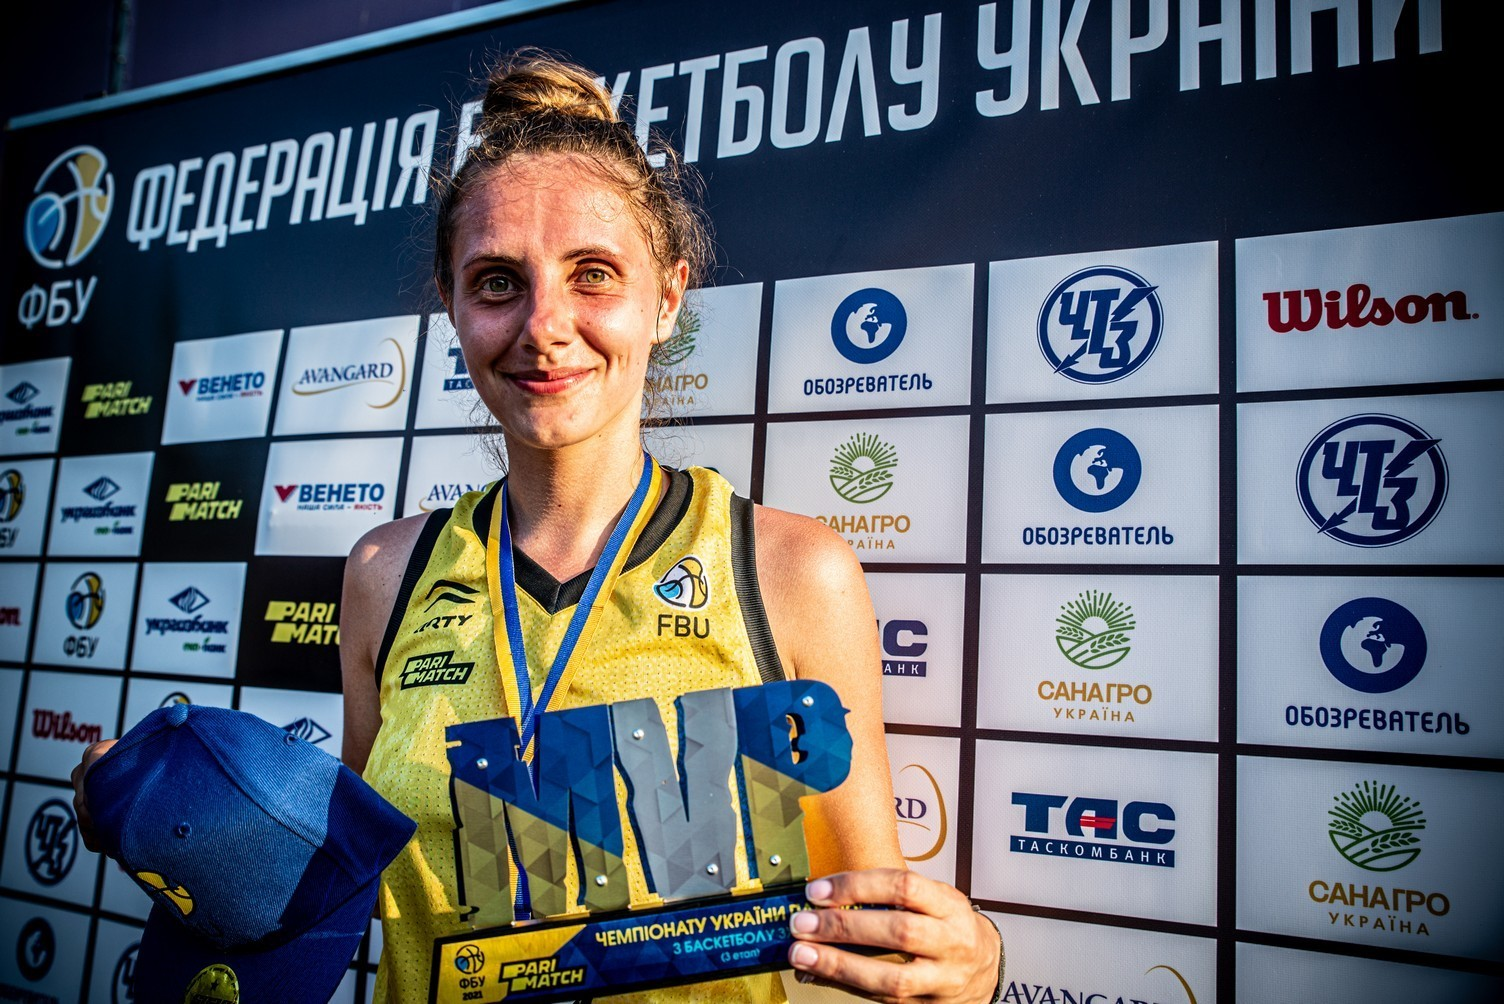 Визначено символічні збірні та MVP 2 та 3 етапів чемпіонату України 3х3